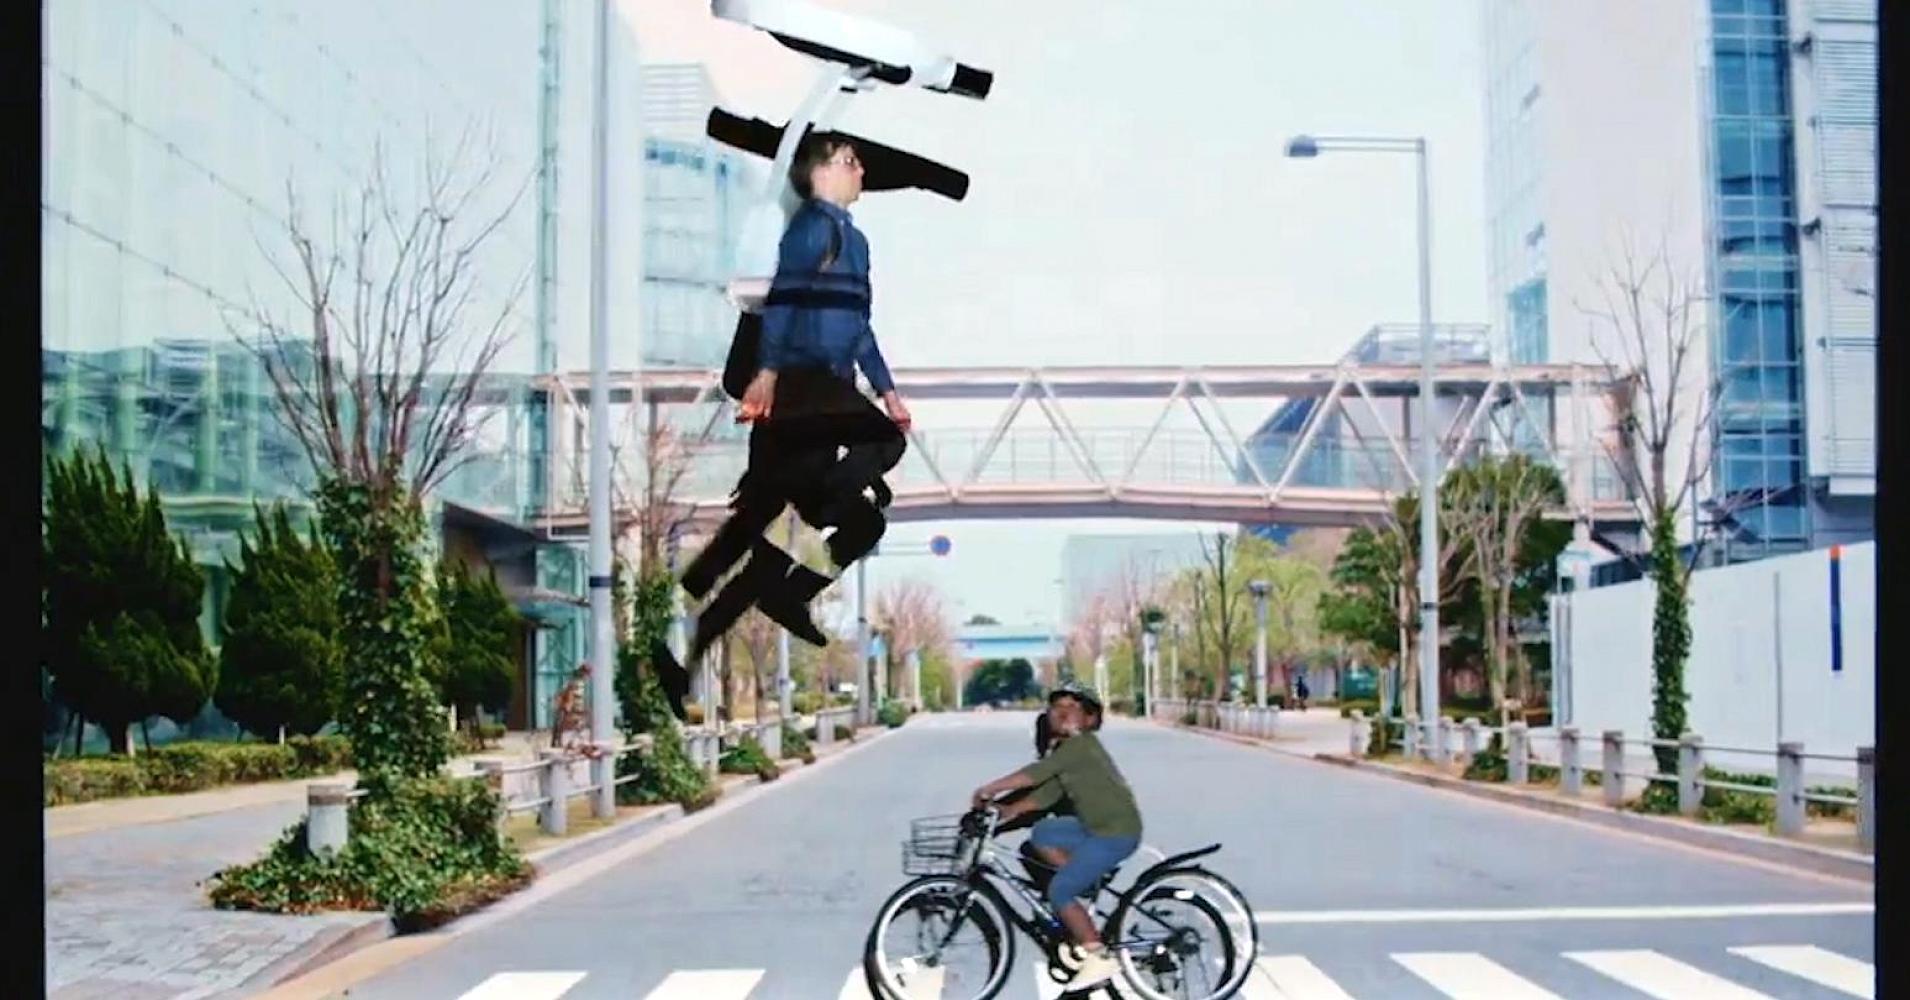 VIDEO Lo zaino di questa startup giapponese ci fa saltare come sulla Luna